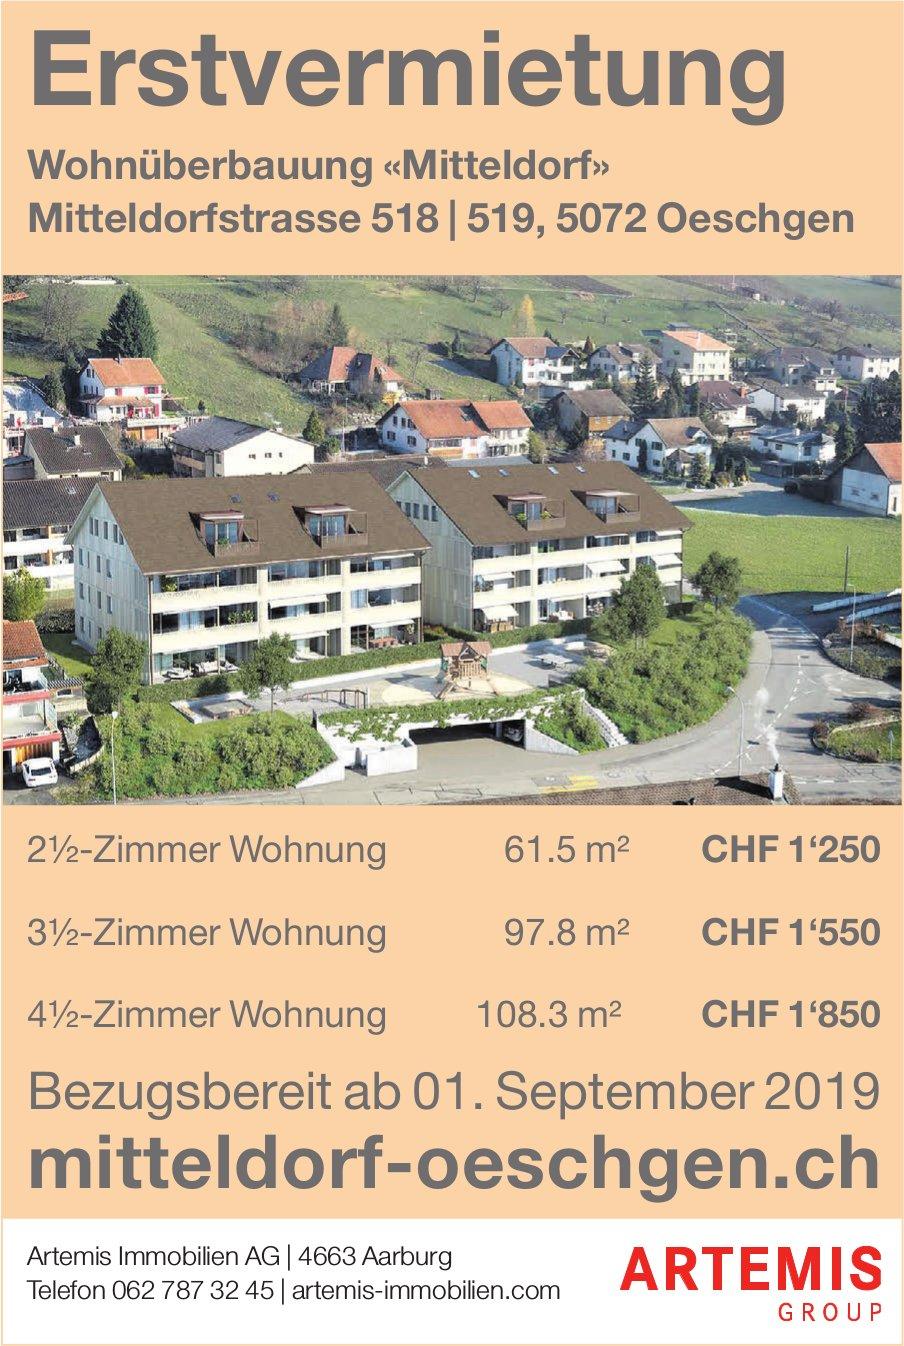 Erstvermietung Wohnüberbauung «Mitteldorf» in Oeschgen